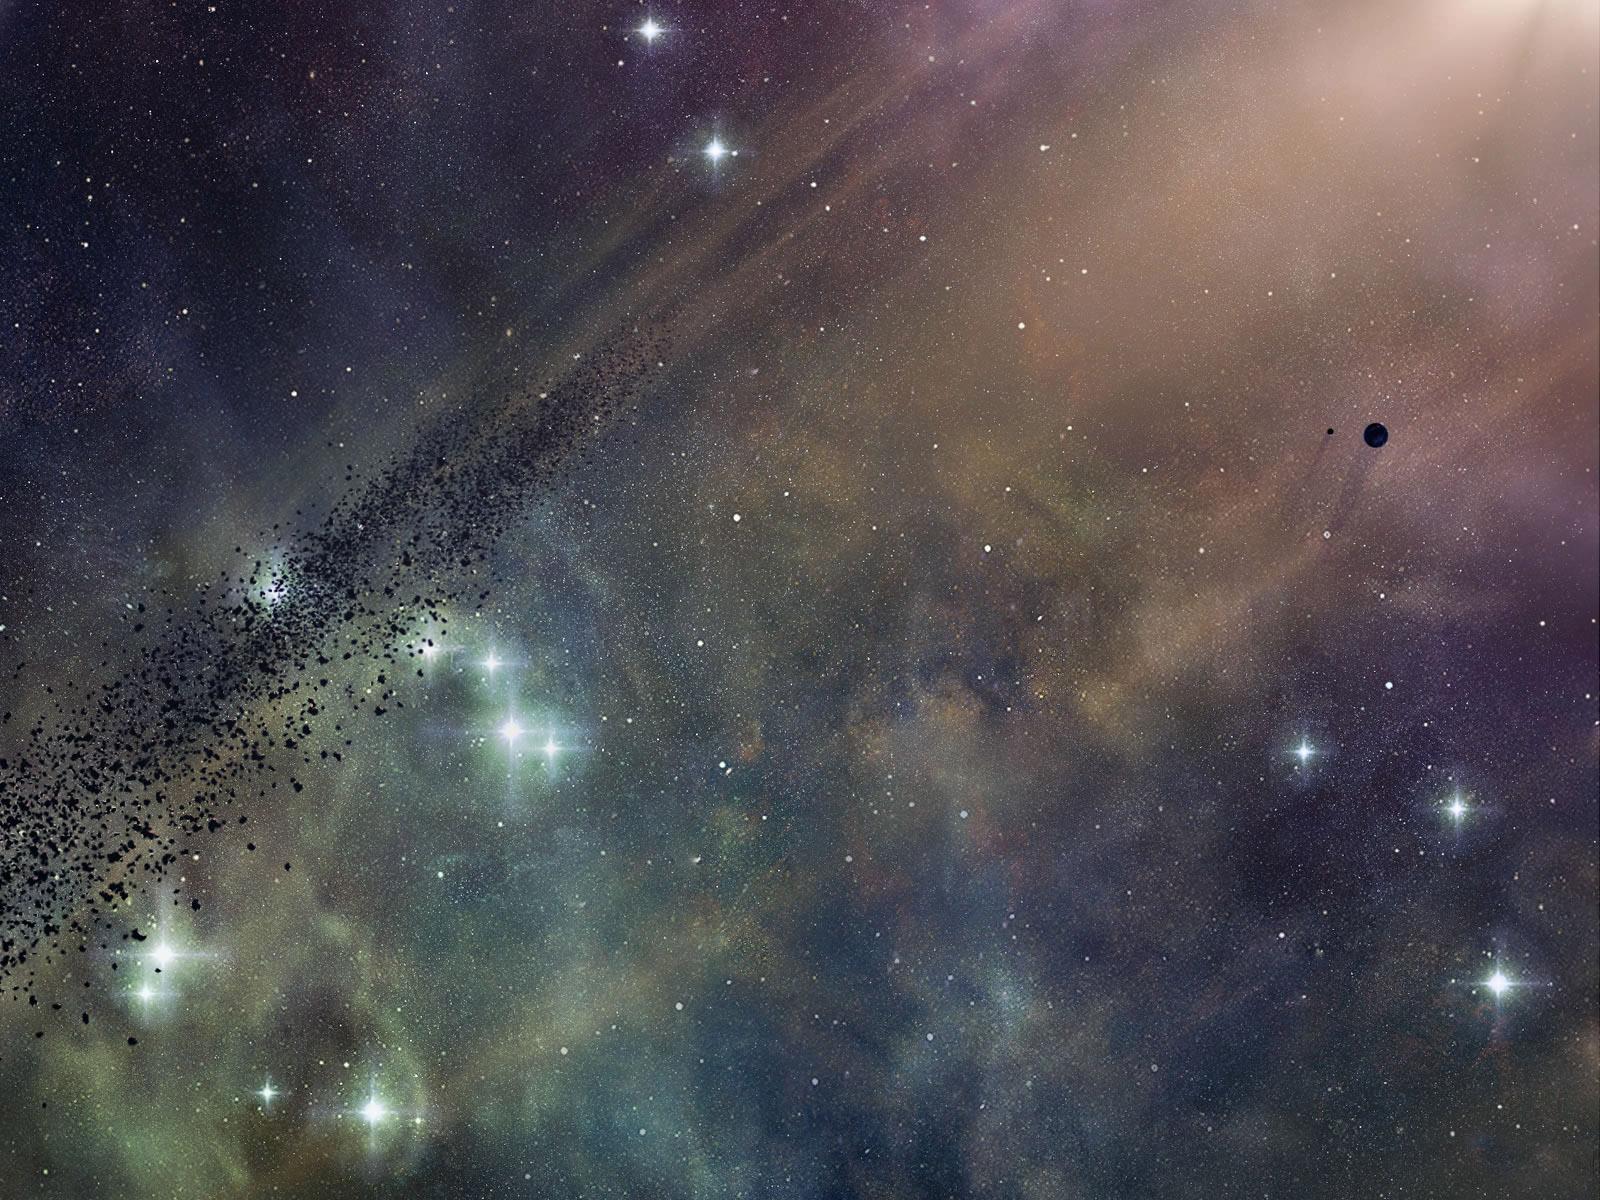 震撼你的视觉 3D星空高清晰壁纸欣赏图片